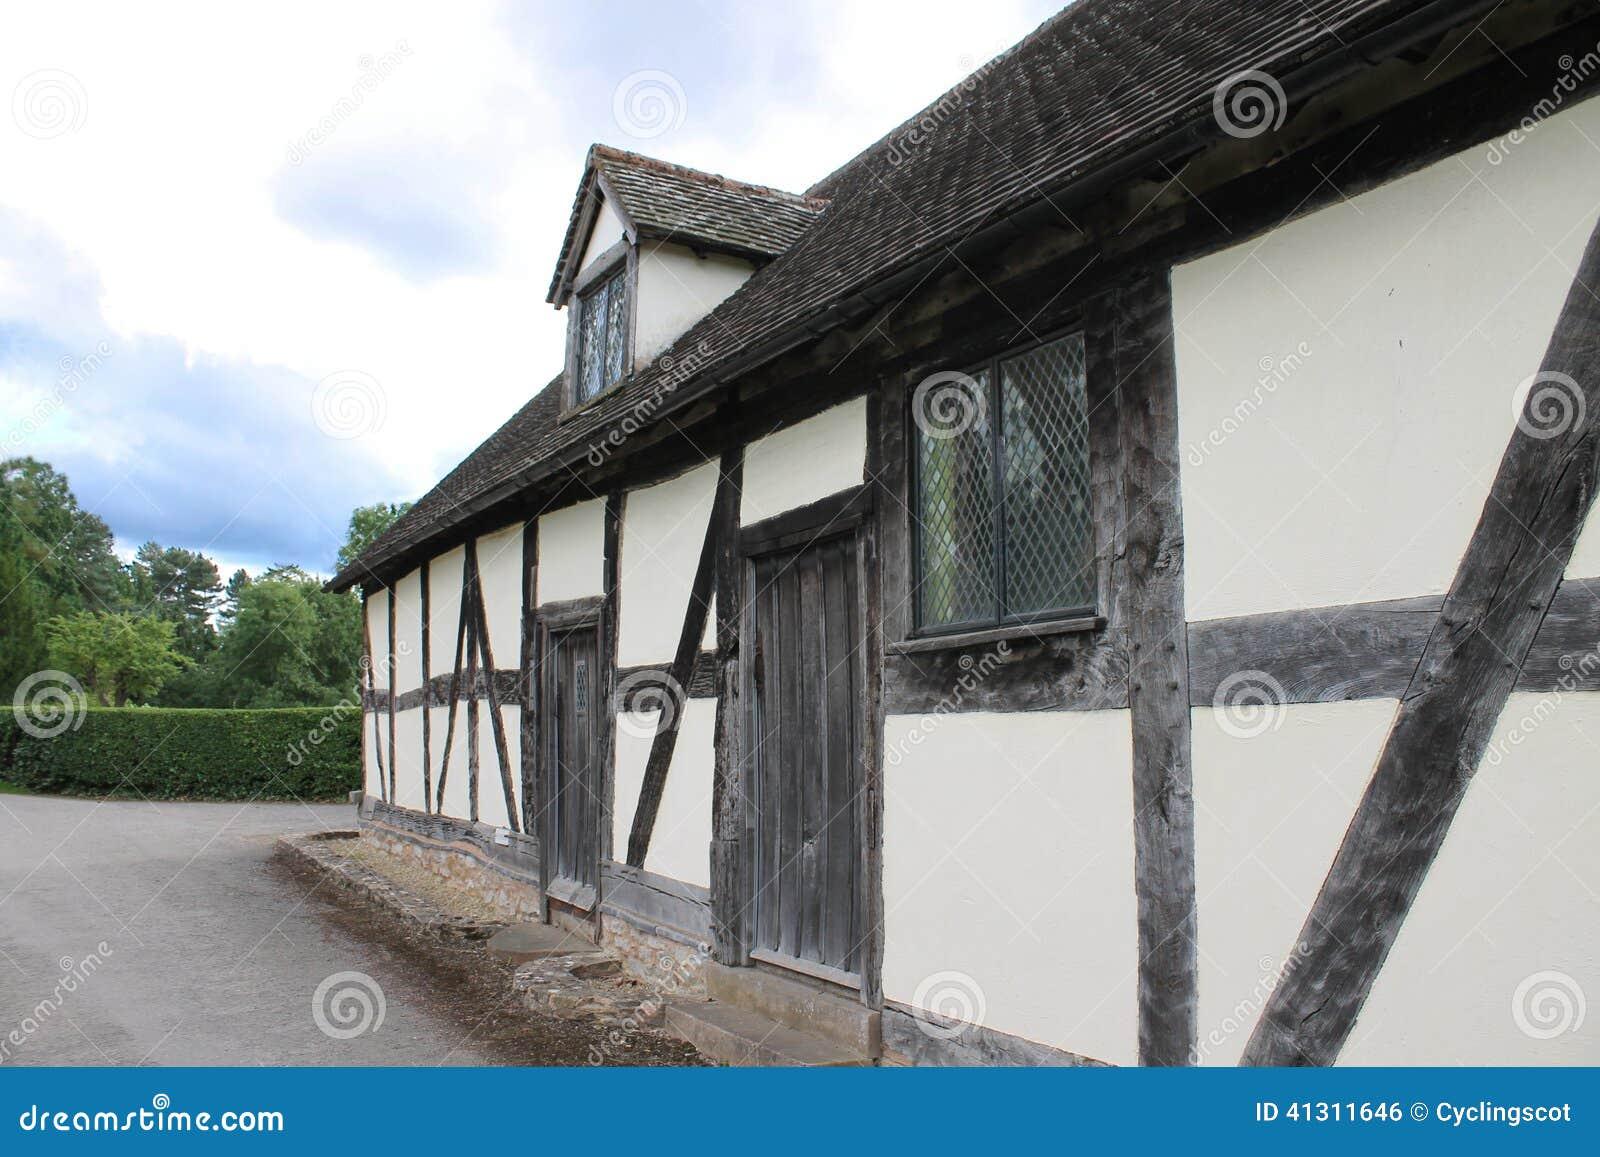 Lungo Il Corridoio In Inglese : Corridoio della chiesa e casa a graticcio medievali inglesi della